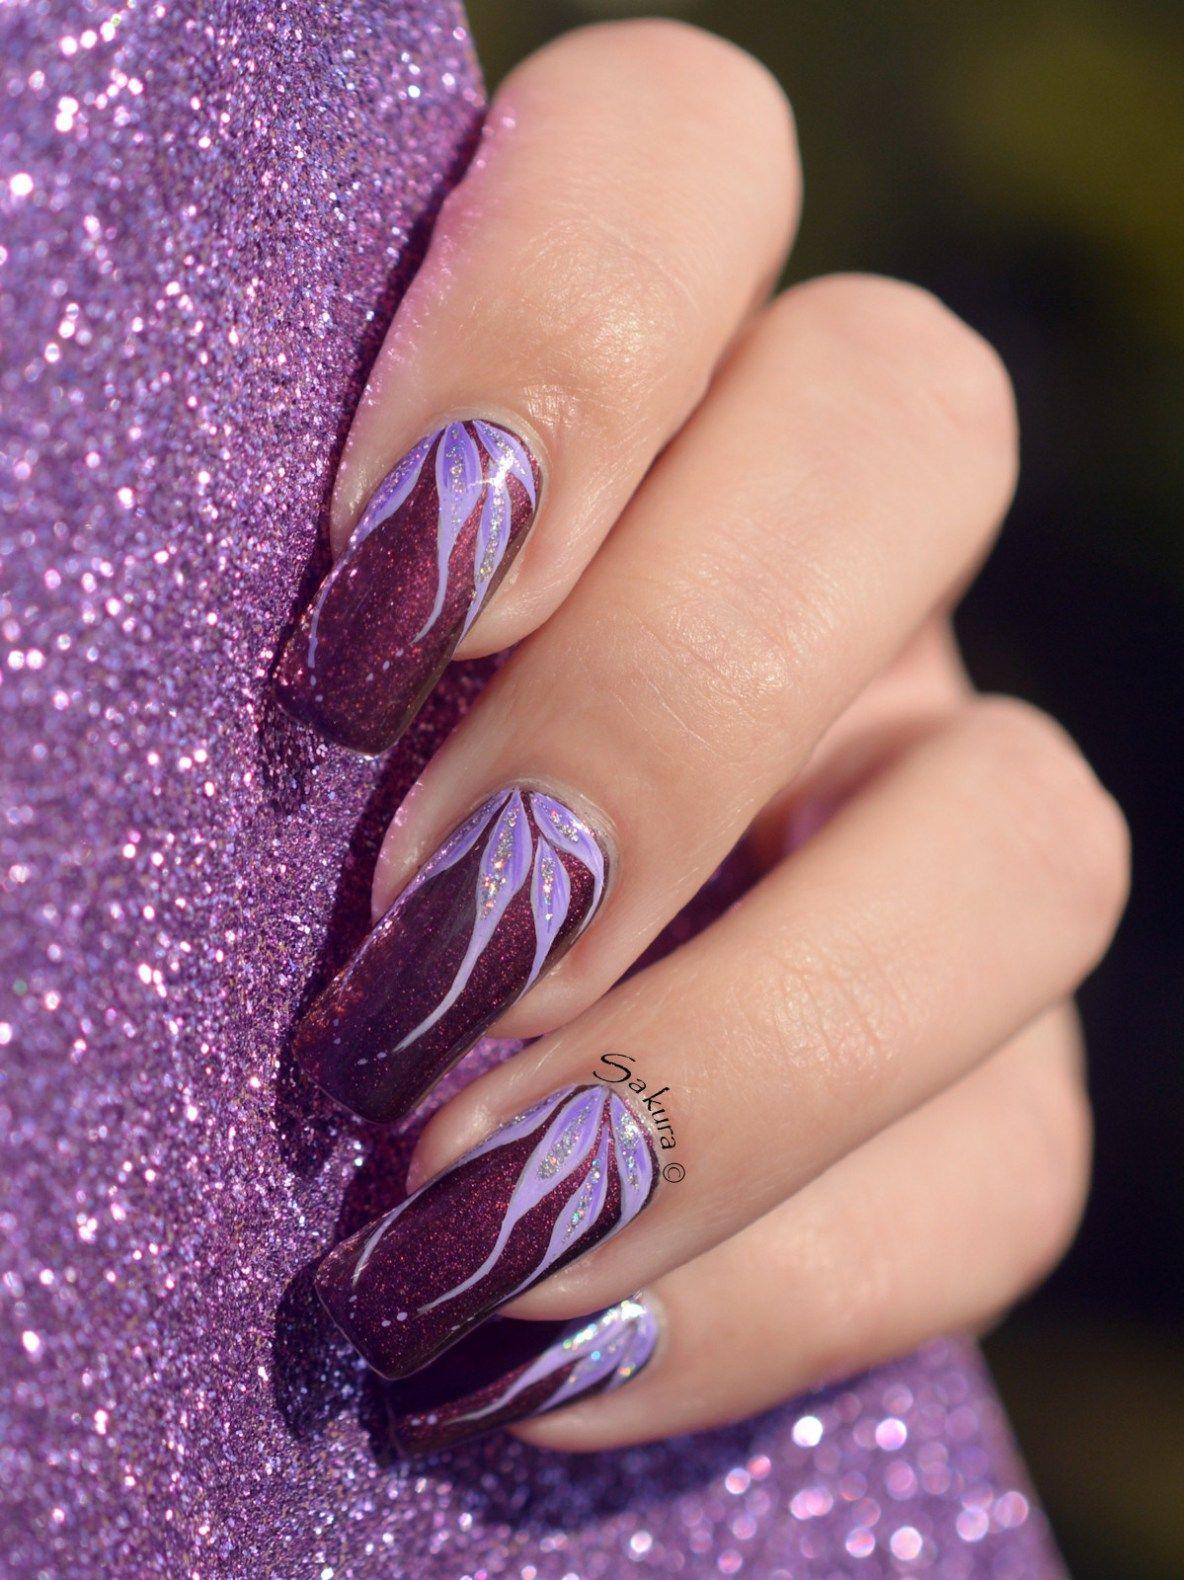 Дизайн ногтей в сиреневом цвете фото